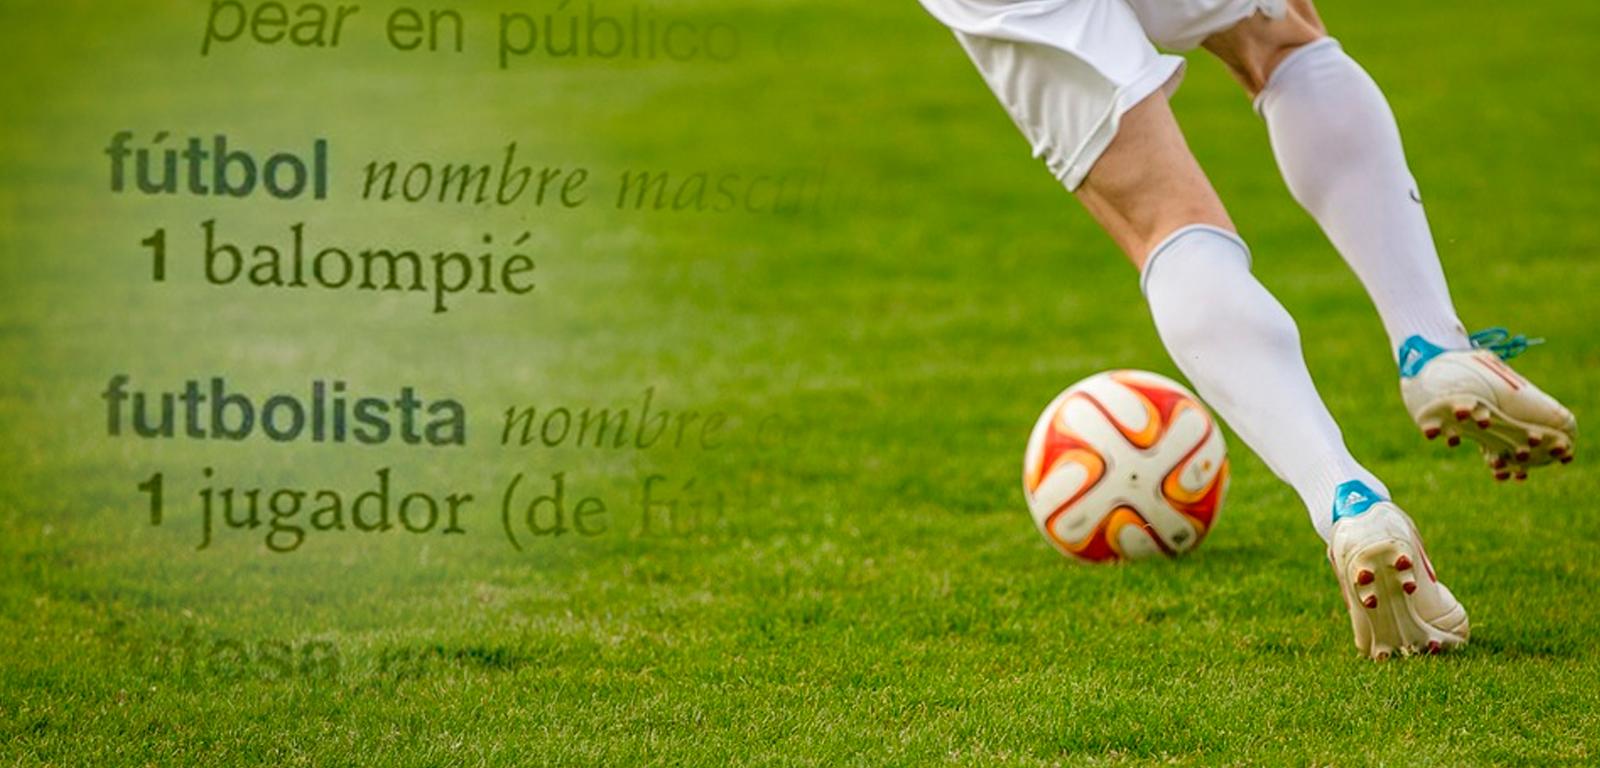 Un jugador de fútbol y los sinónimos de fútbol y futbolista / FOTOMONTAJE DE PDF